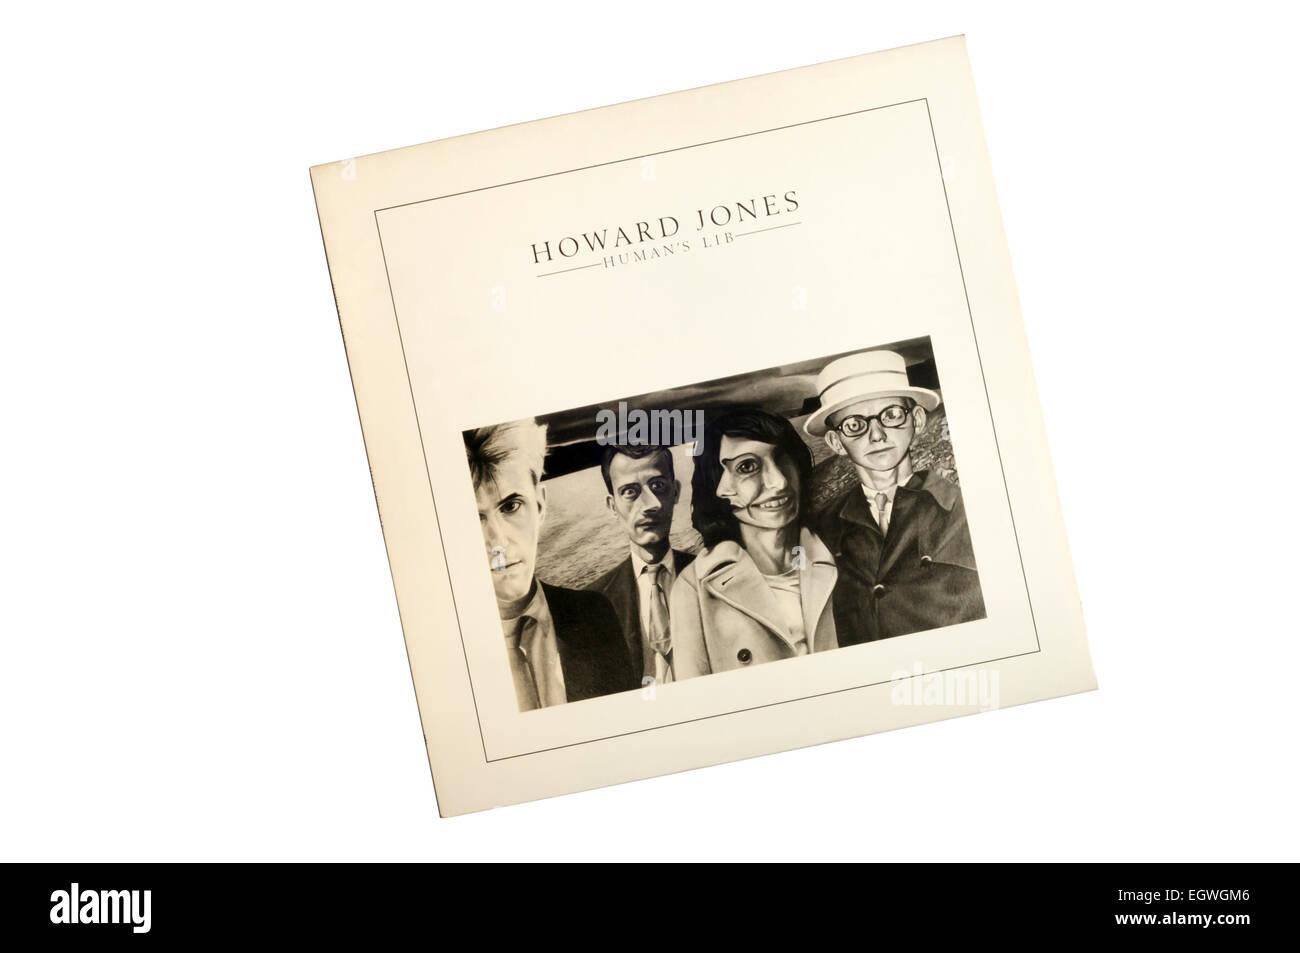 Los seres humanos Lib fue el álbum debut de 1984 por músico de pop británico Howard Jones. Imagen De Stock